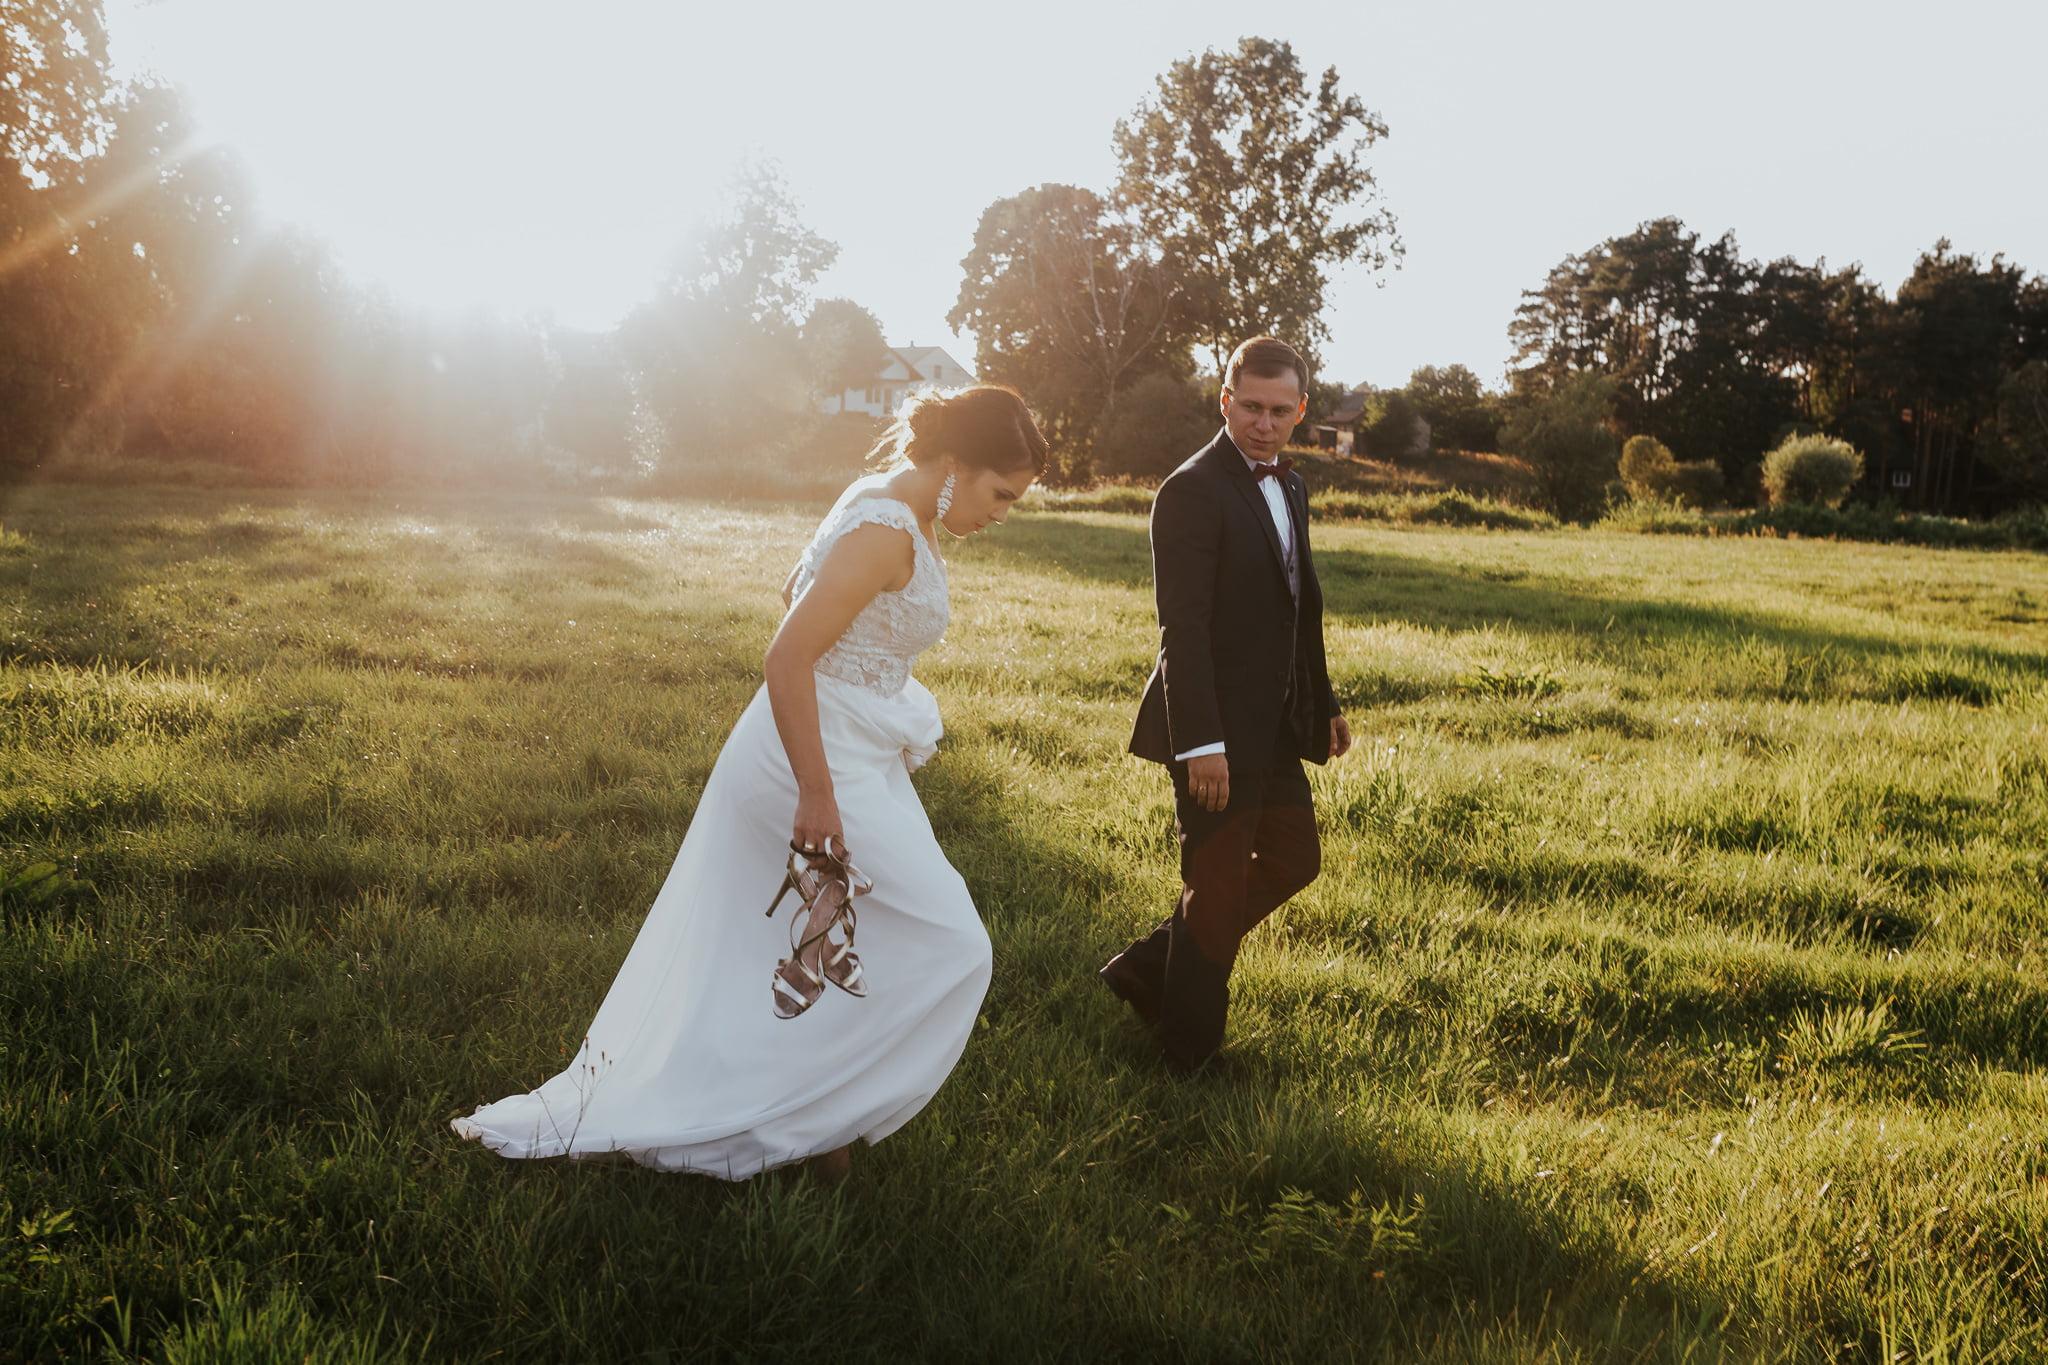 Panna Młoda i Pan Młody podczas sesji plenerowej na polu podczas zachodu słońca.